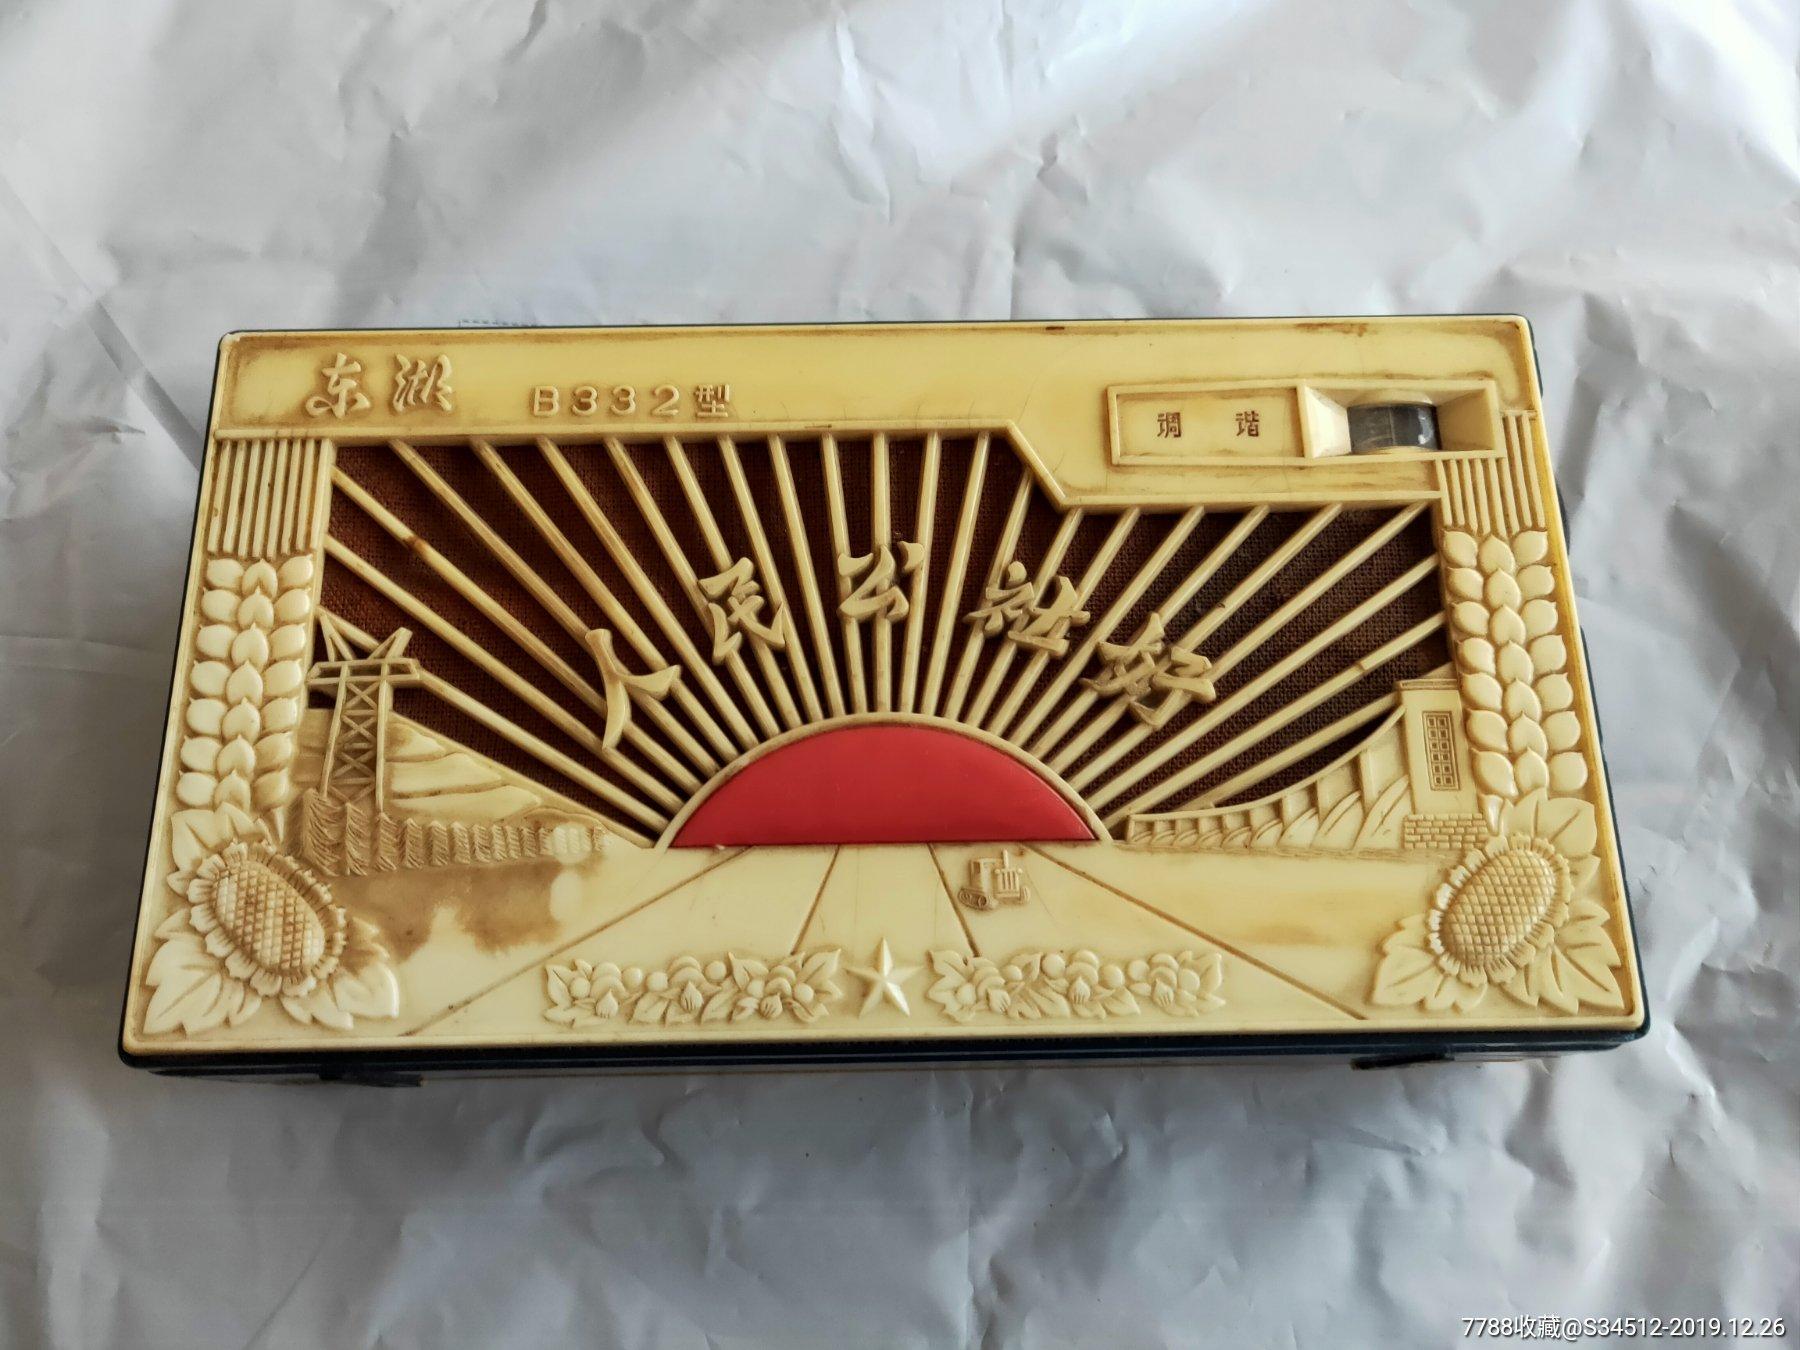 少见东湖B332晶体管收音机人民公社好(au21997776)_